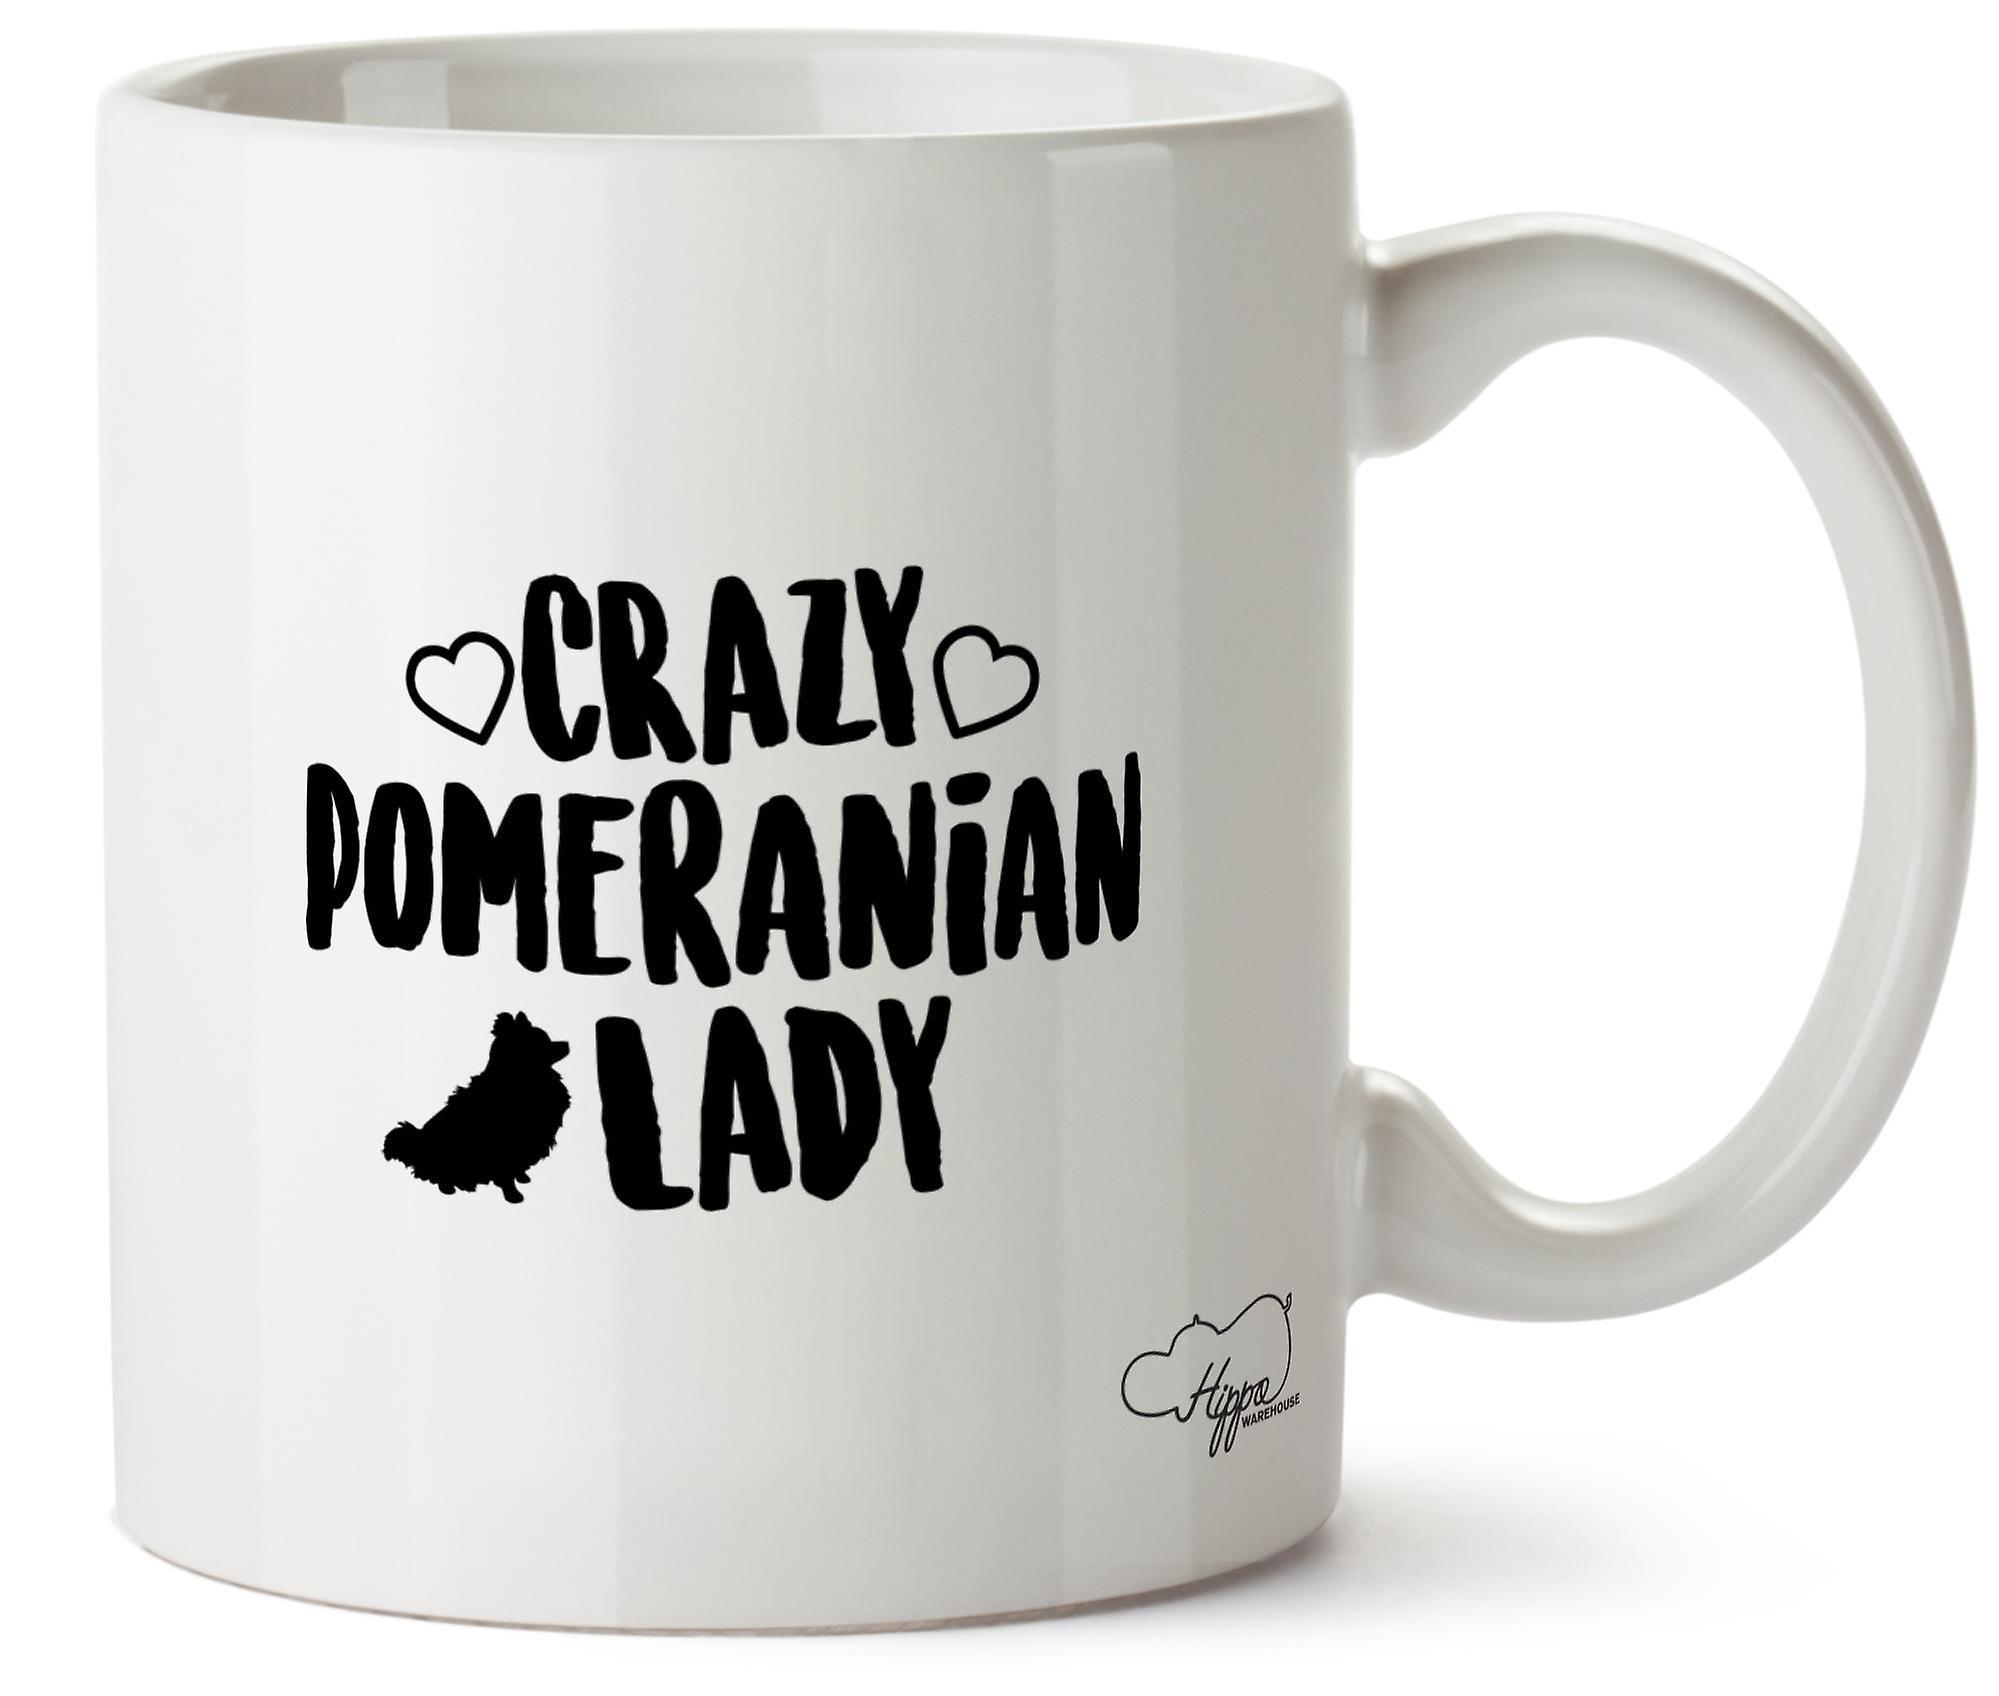 Hippowarehouse Crazy собака Померанский леди напечатаны Кубка керамическая кружка 10oz